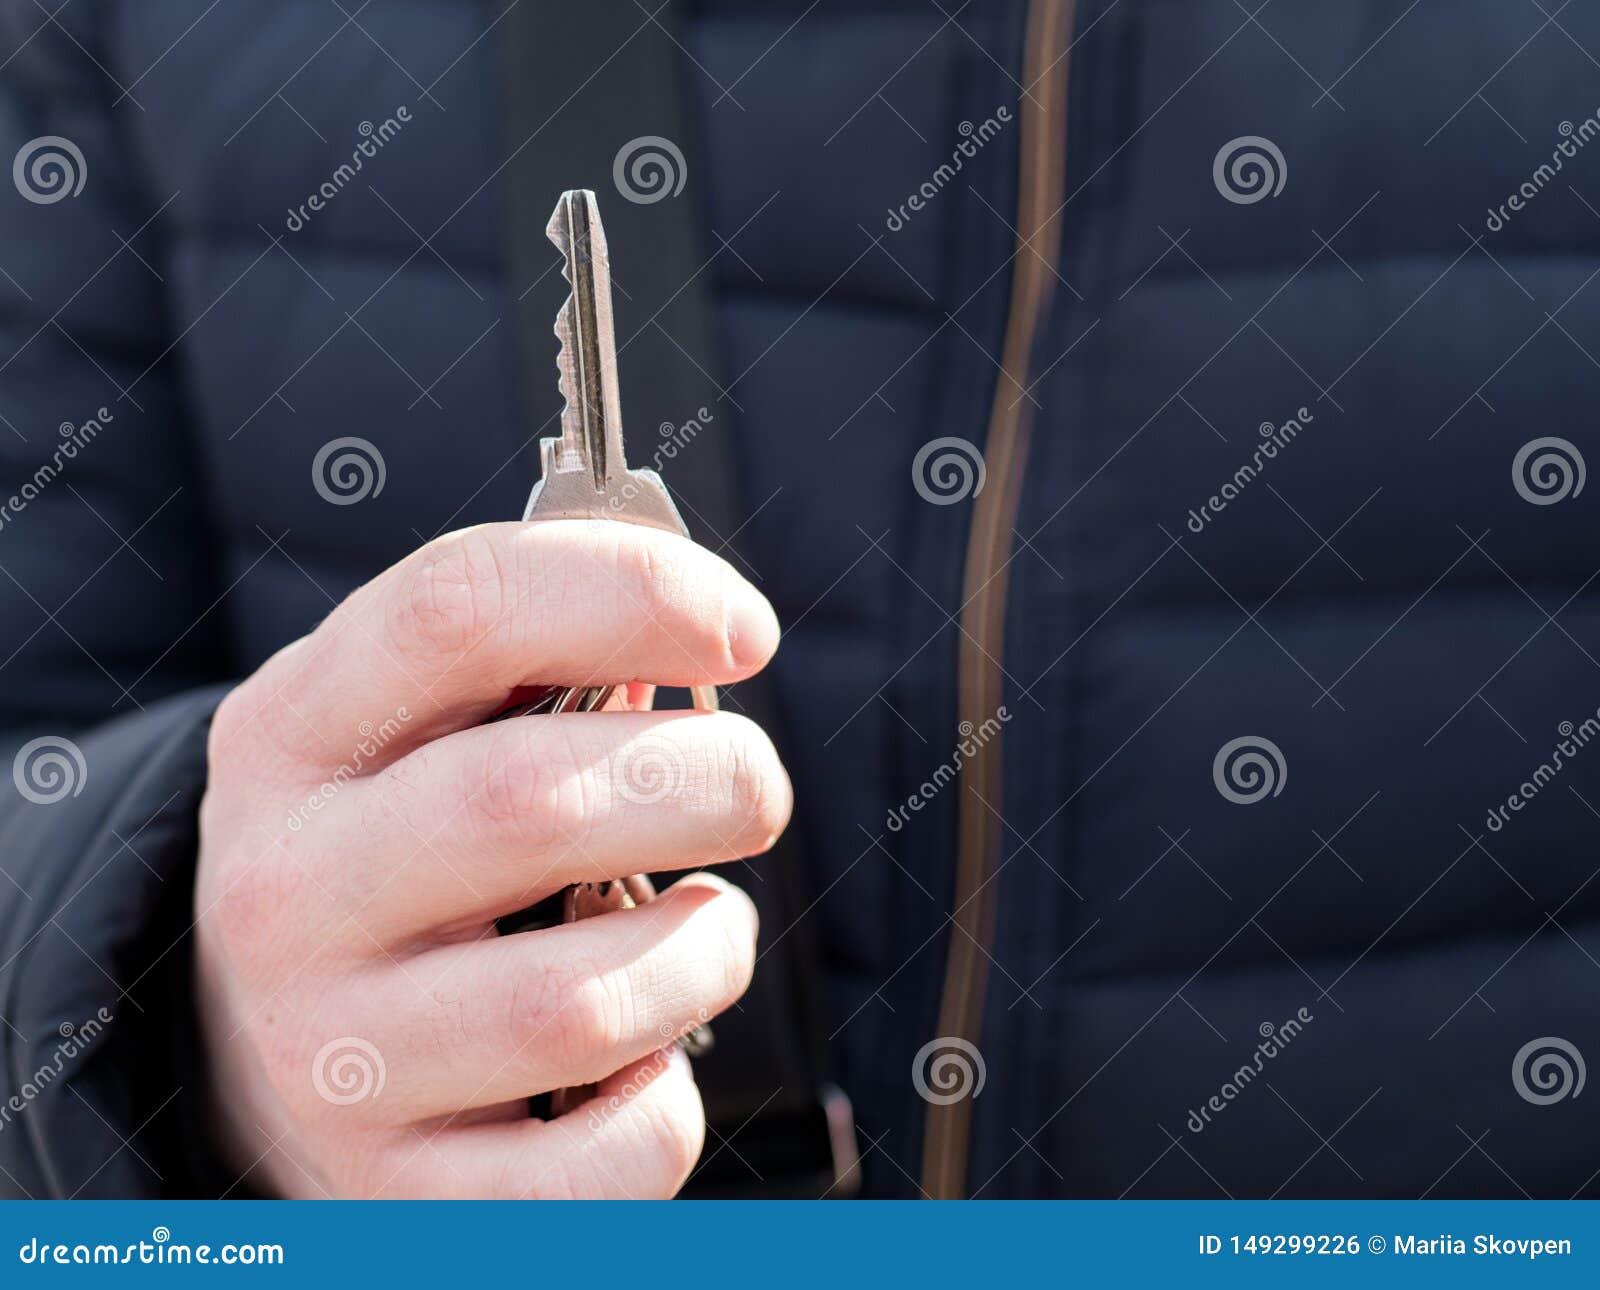 M??czyzny r?ka trzyma klucze 100 rachunk?w poj?cia dolara dom robi? hipotekuje robi?